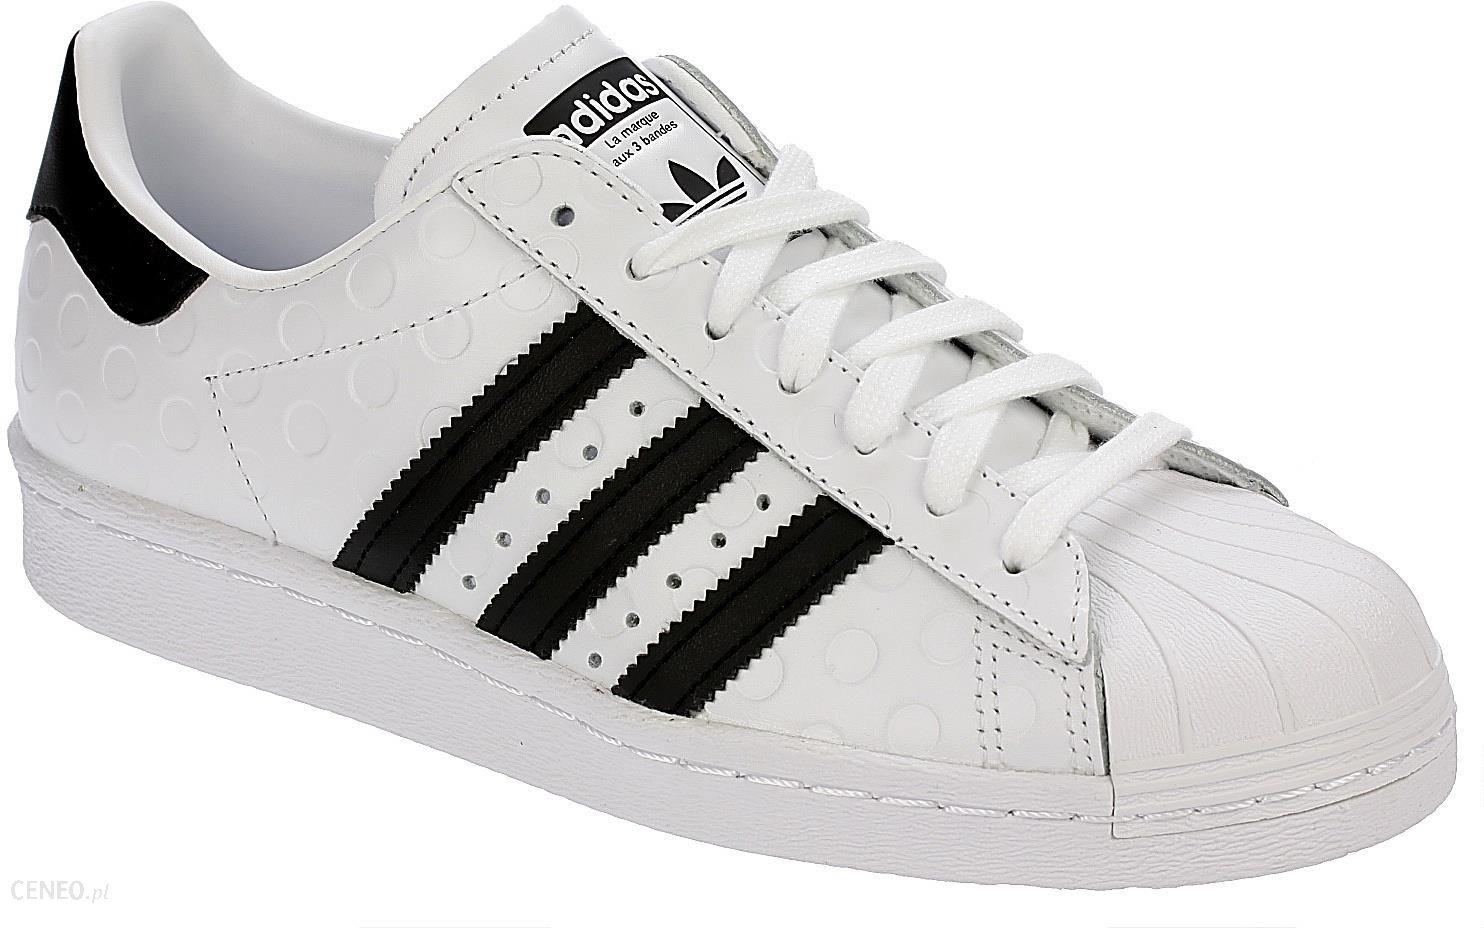 Buty Adidas Superstar 80s damskie skórzane 40 Ceny i opinie Ceneo.pl